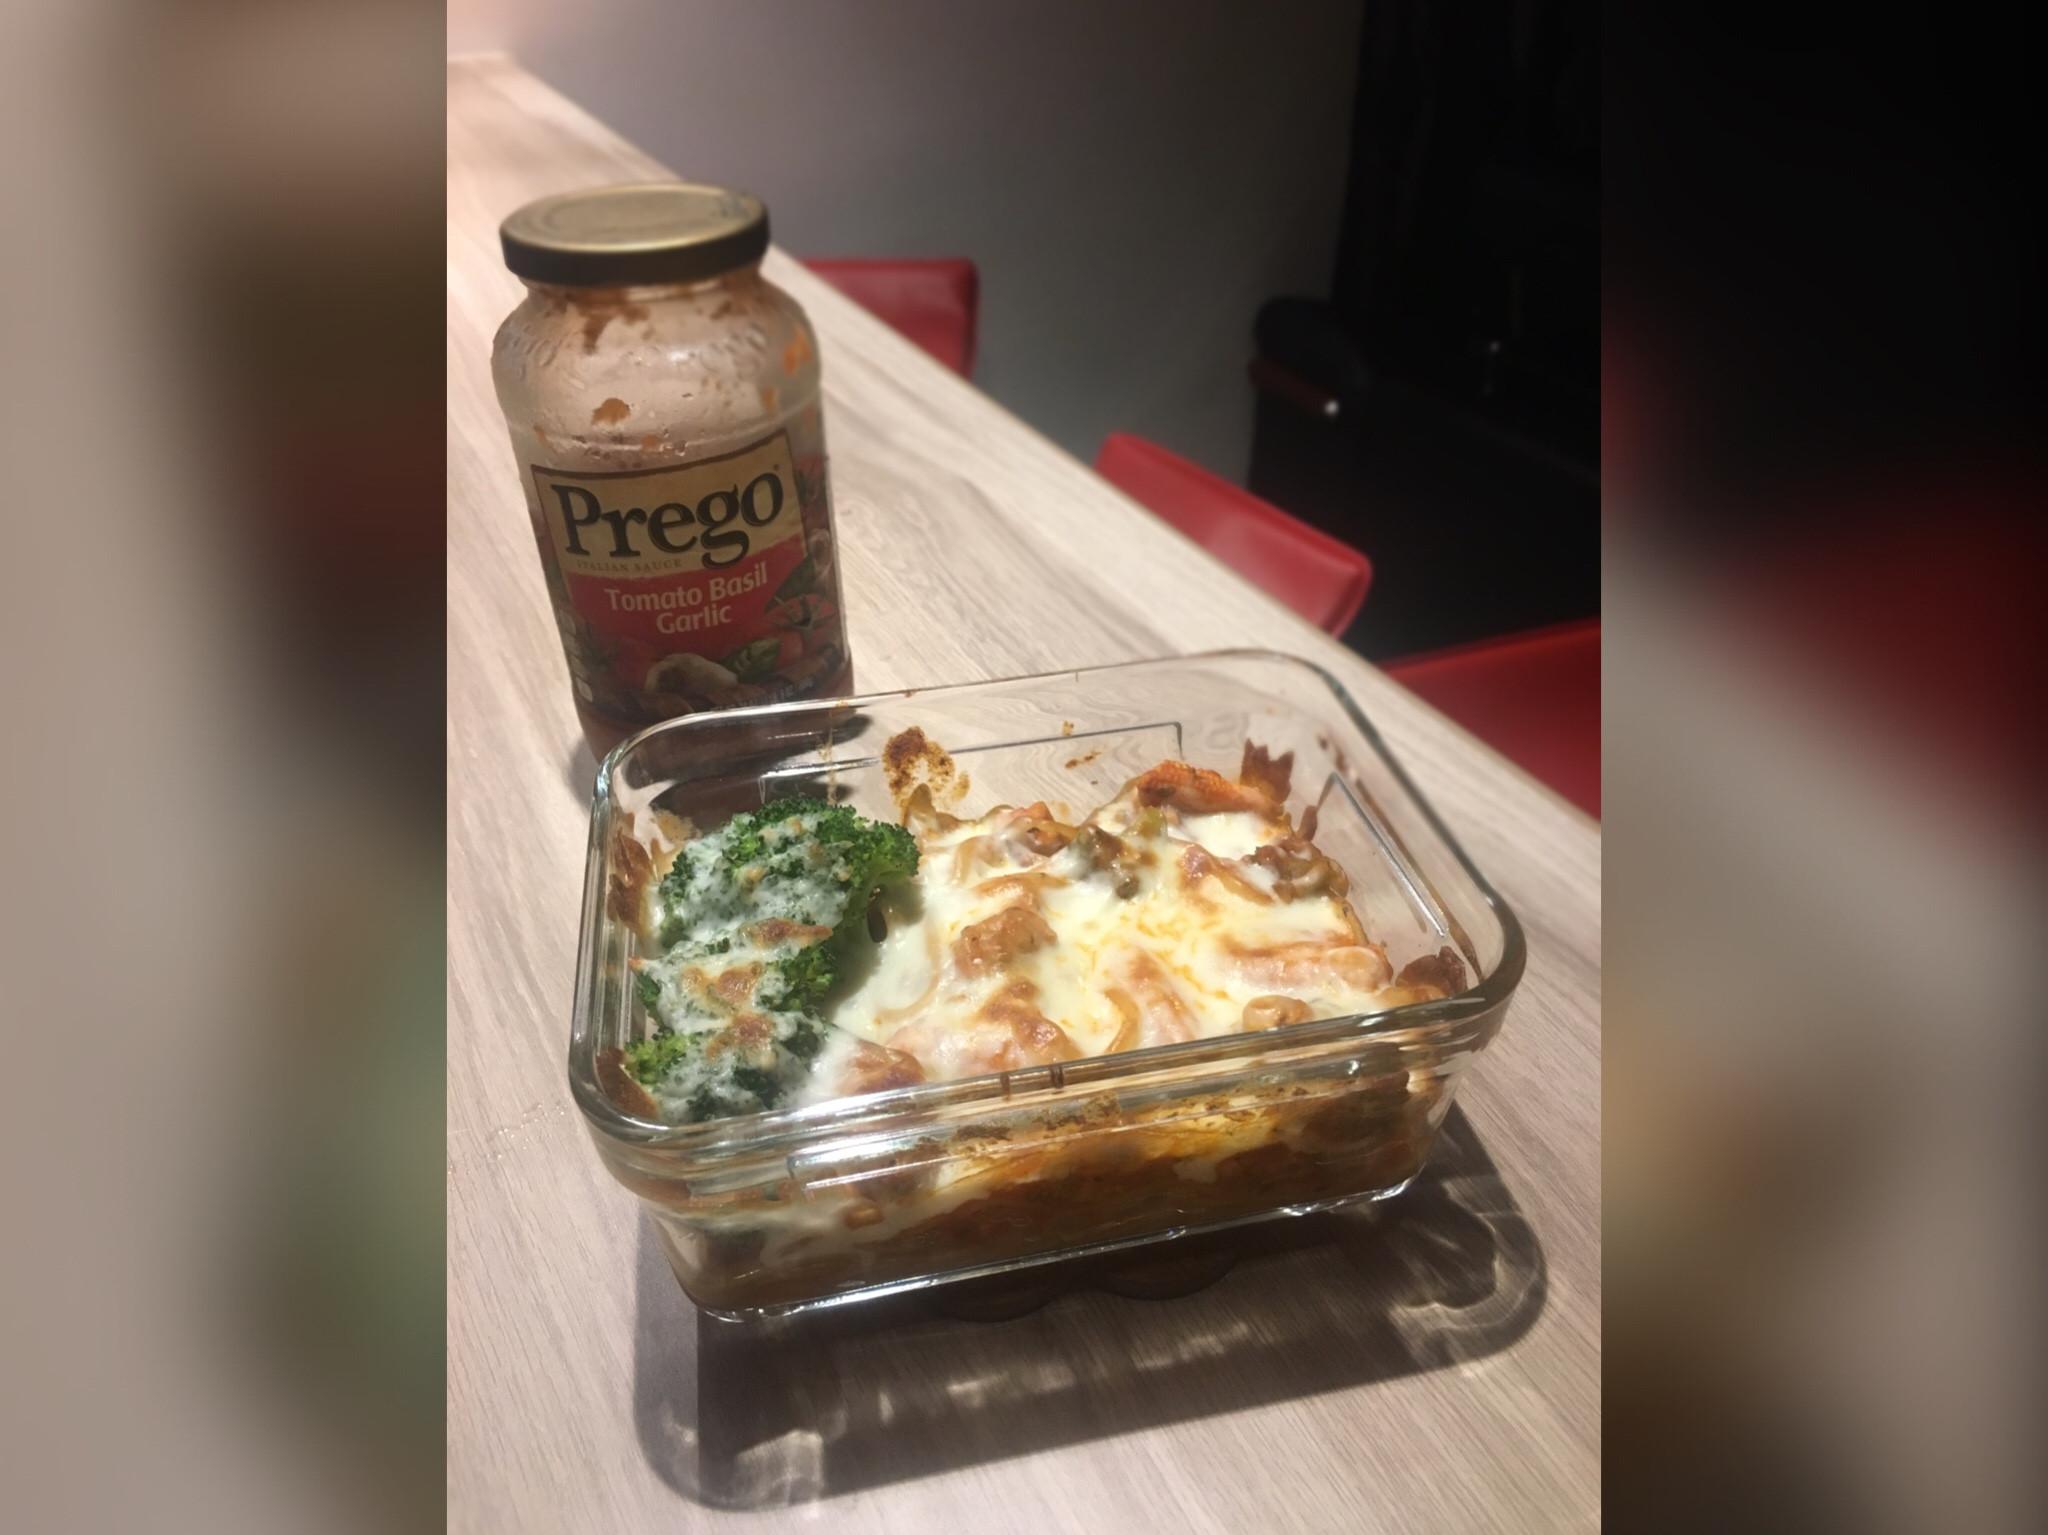 焗烤番茄羅勒大蒜雞肉 Prego義大利麵